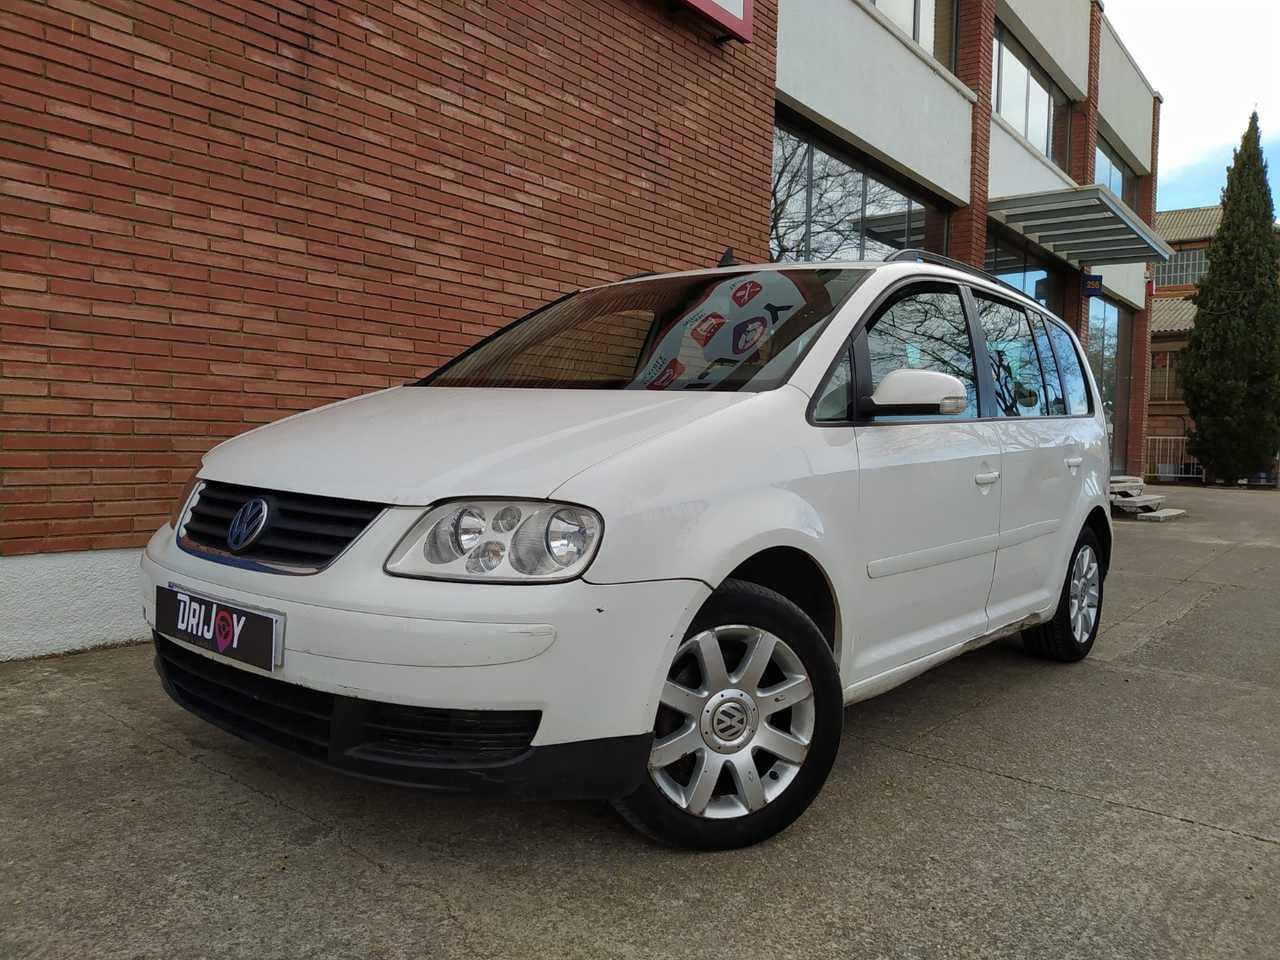 Volkswagen Touran 2.0 TDI 140 Highline 5p.   - Foto 1